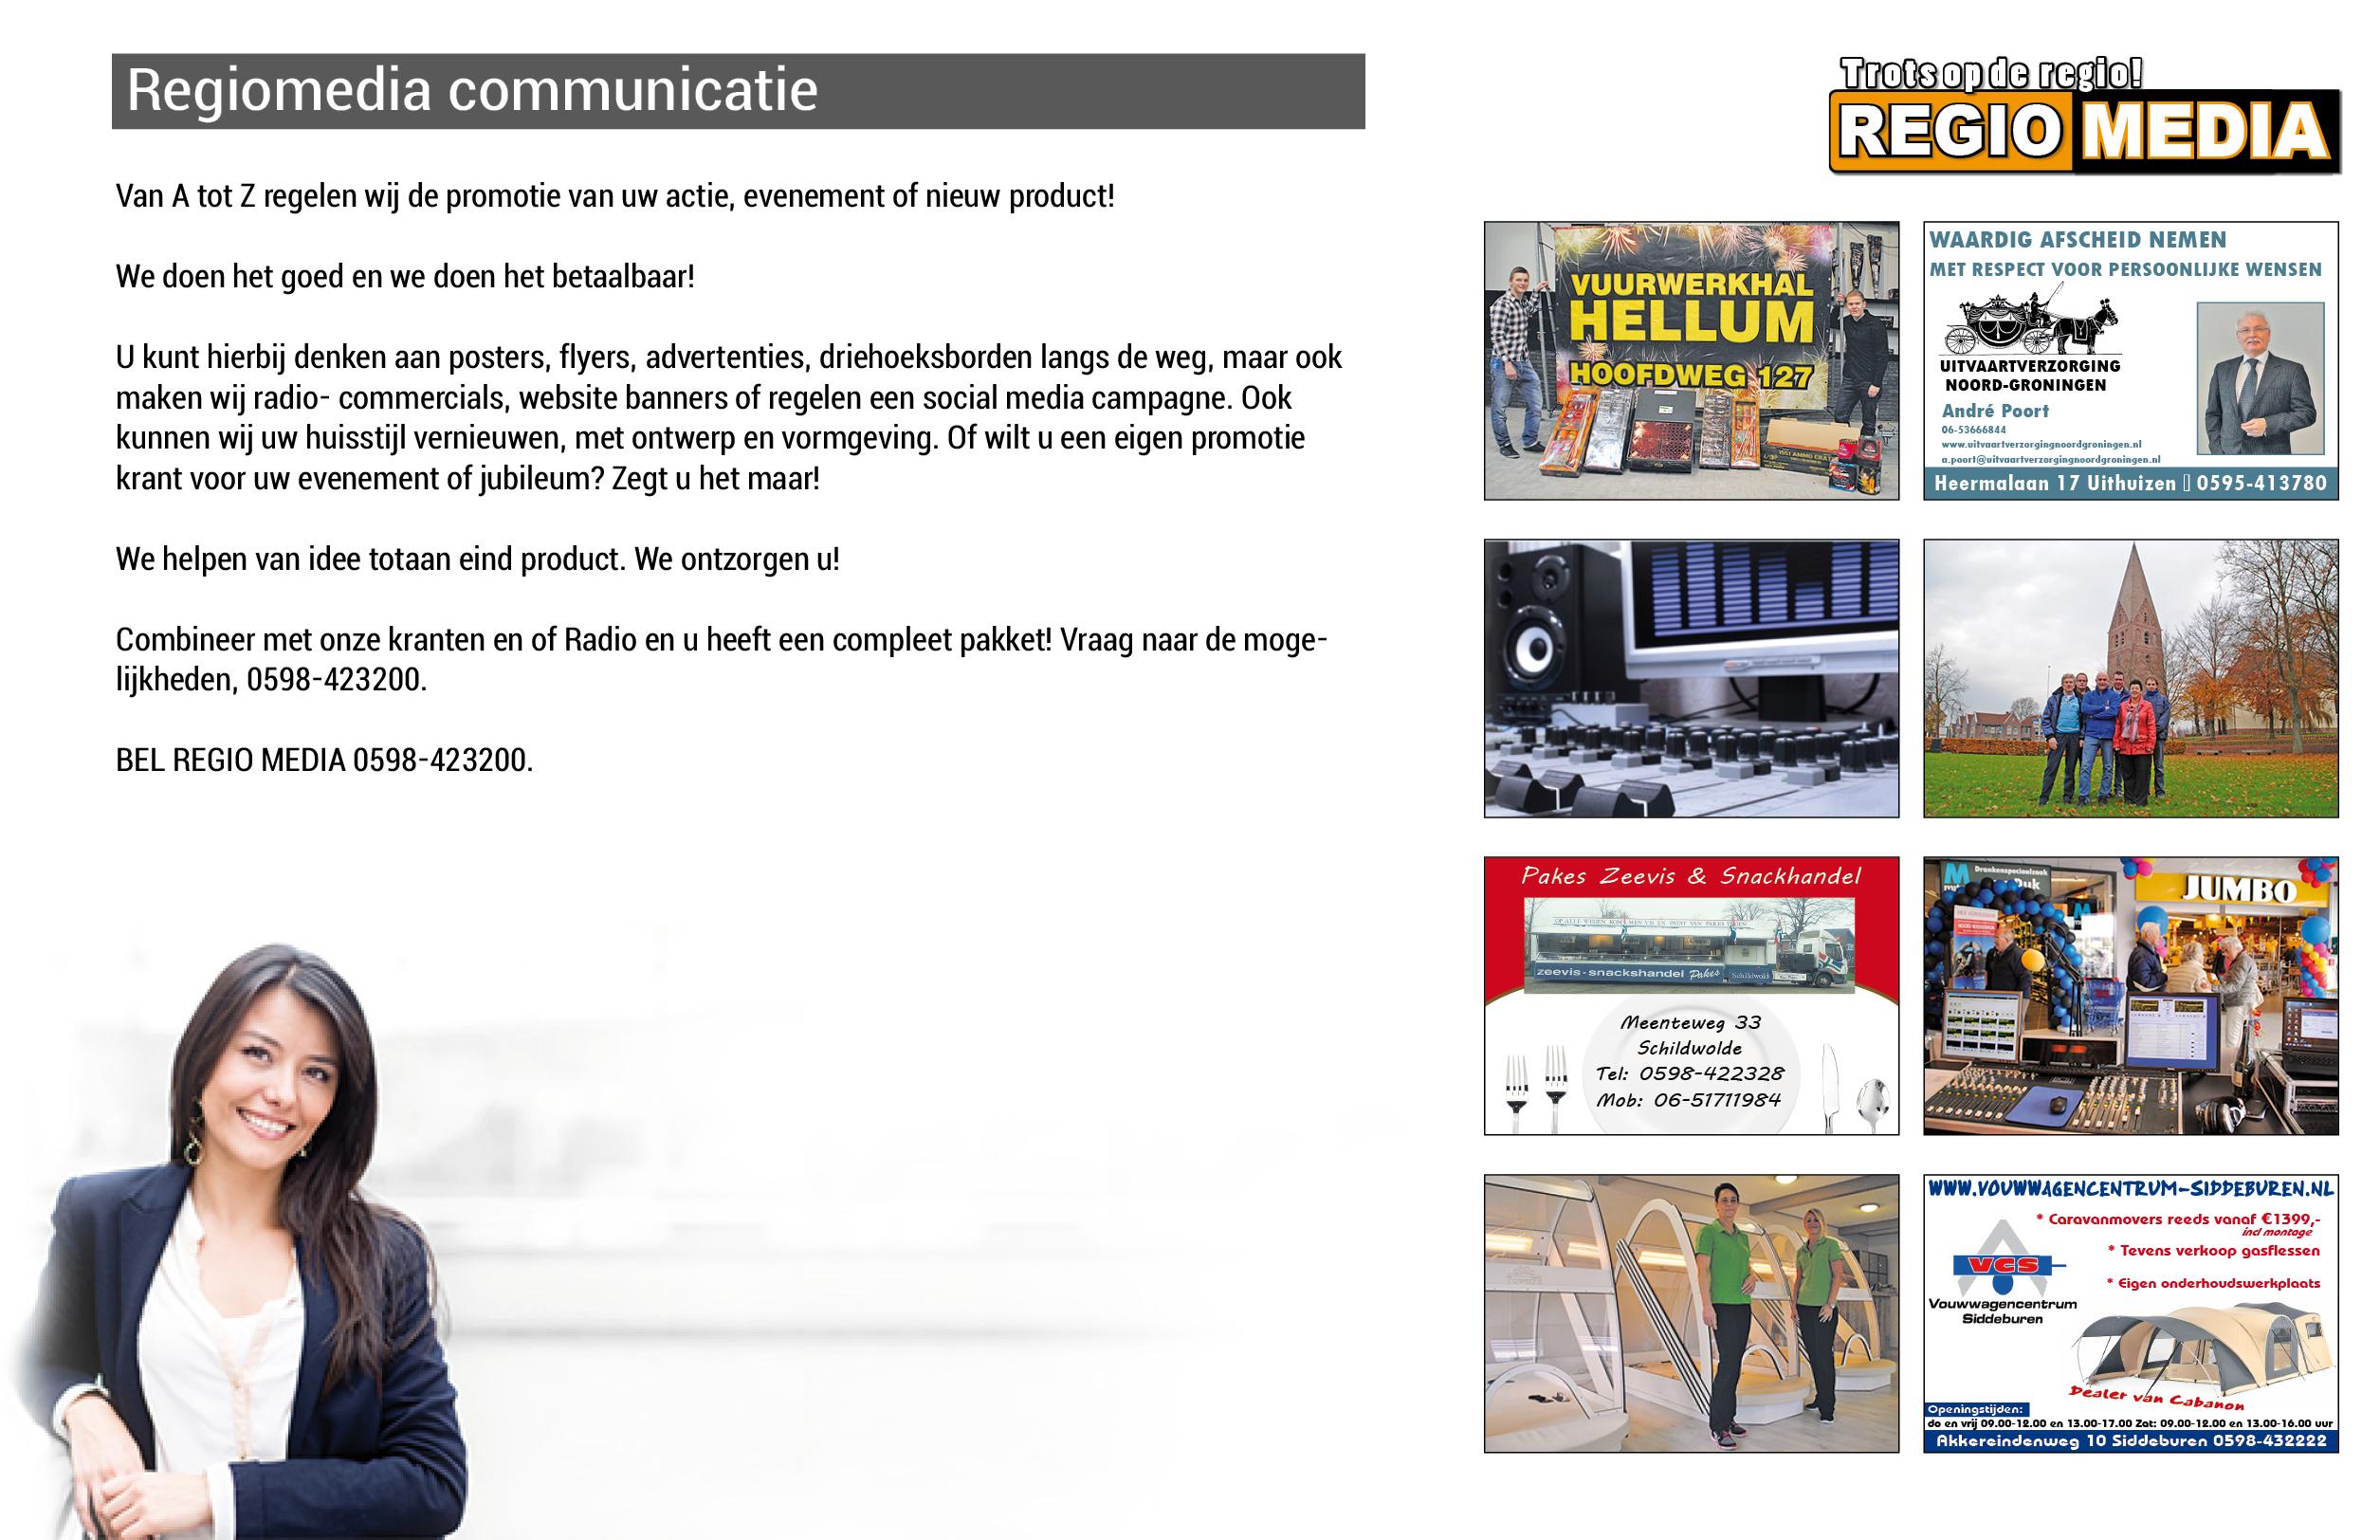 Regiomedia uitgeverij comminucatie site 2015